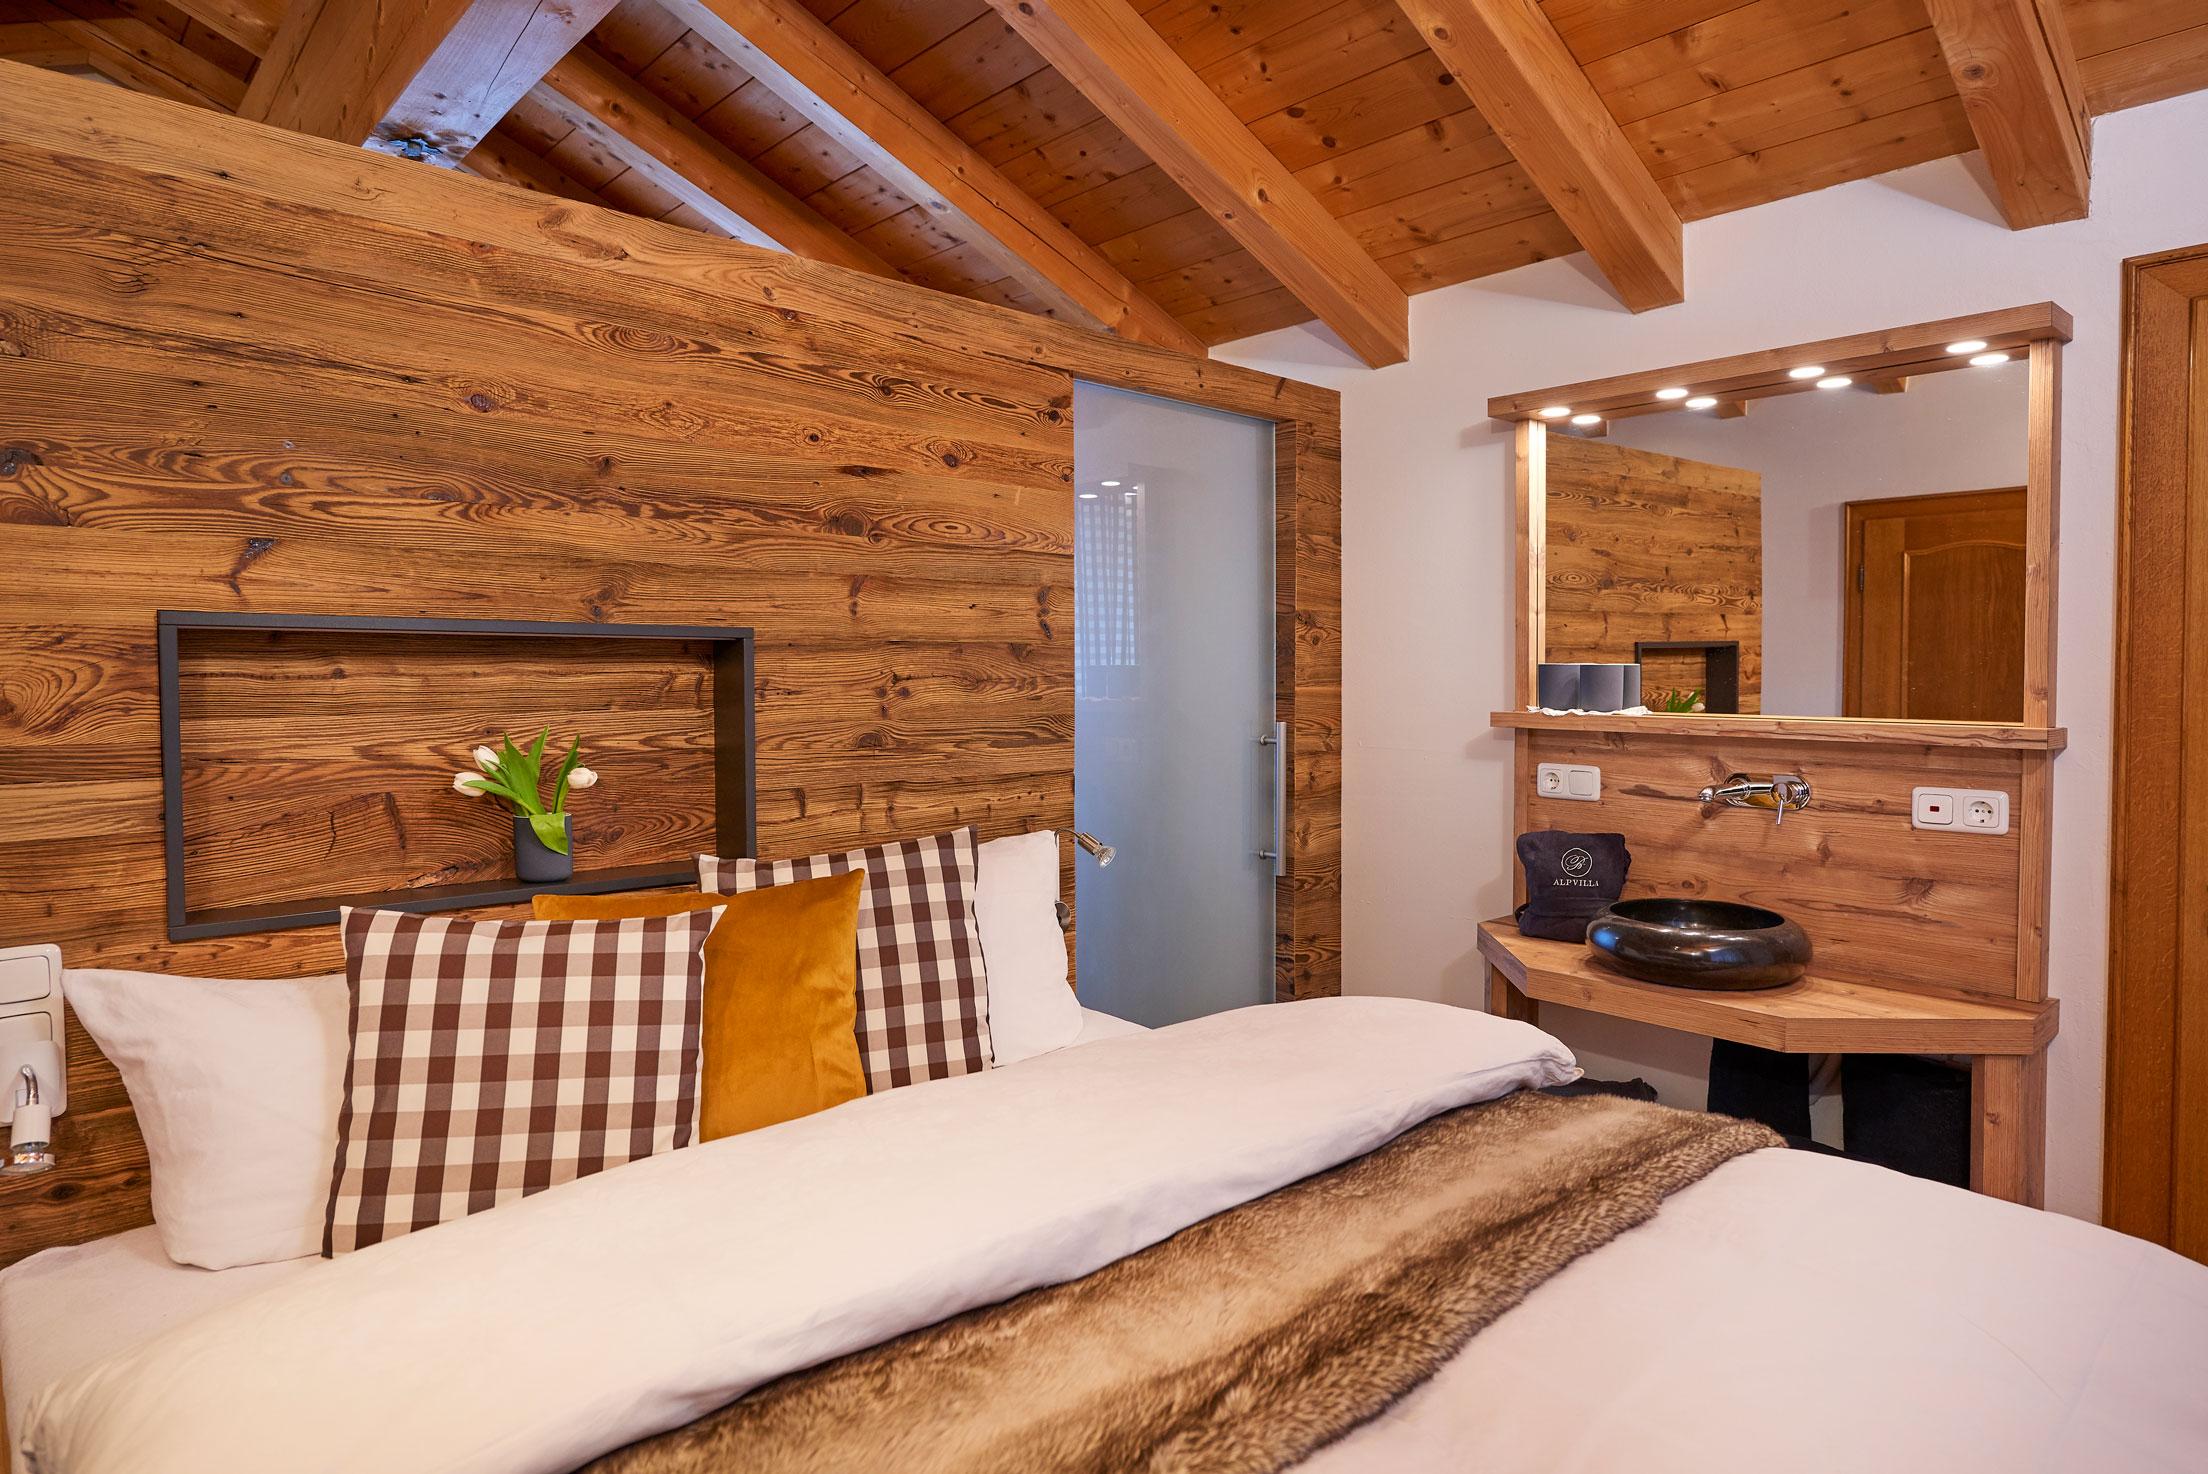 Bett mit braunen Akzenten durch Felldecke und Kissenbezüge